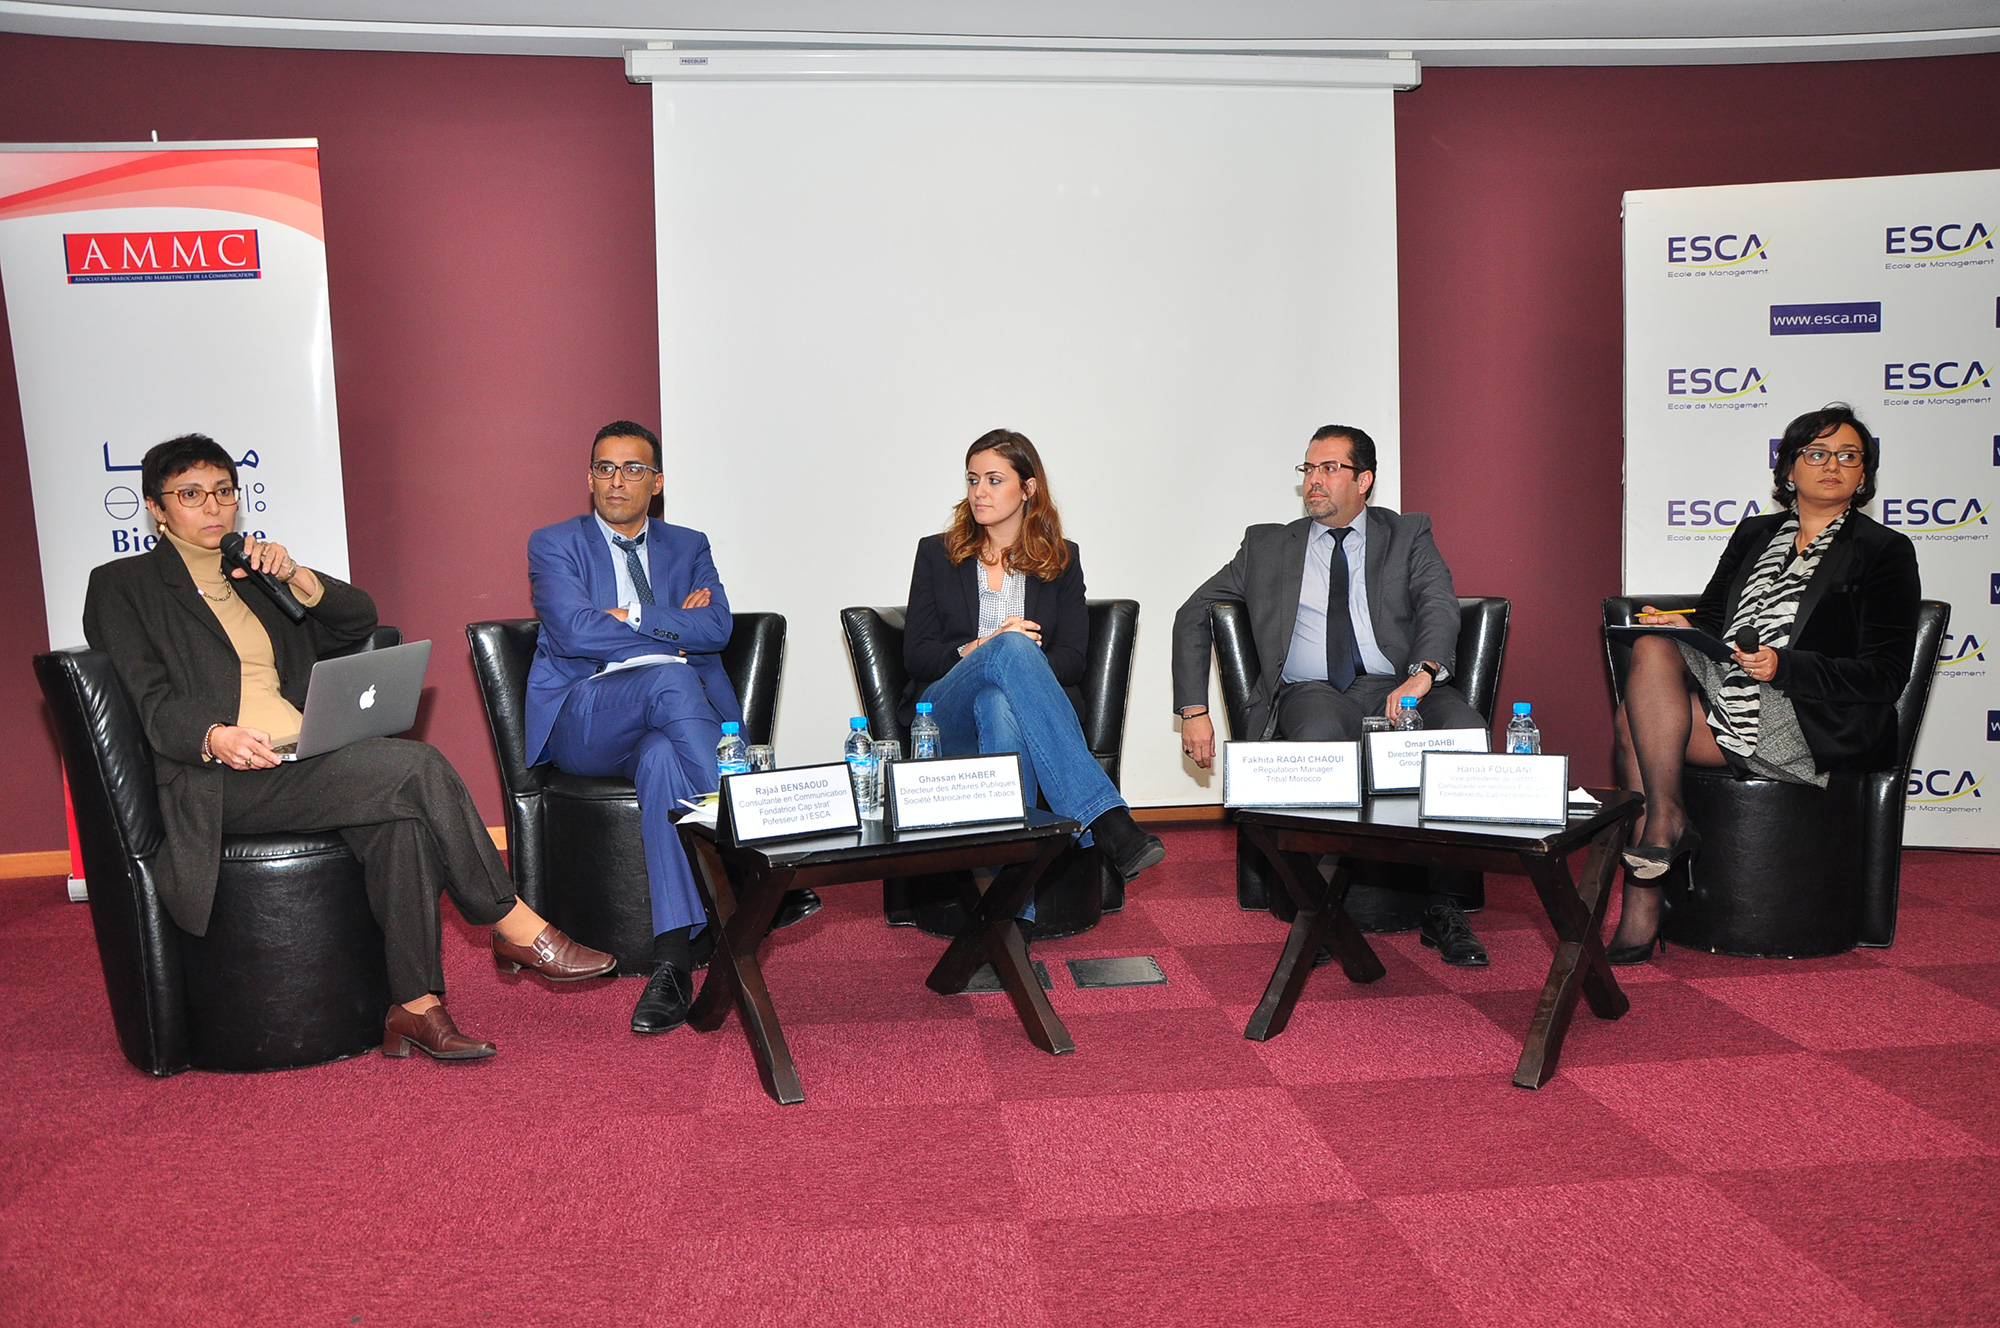 Les Rencontres AMMC: Les relations publiques rattrapées par le digital